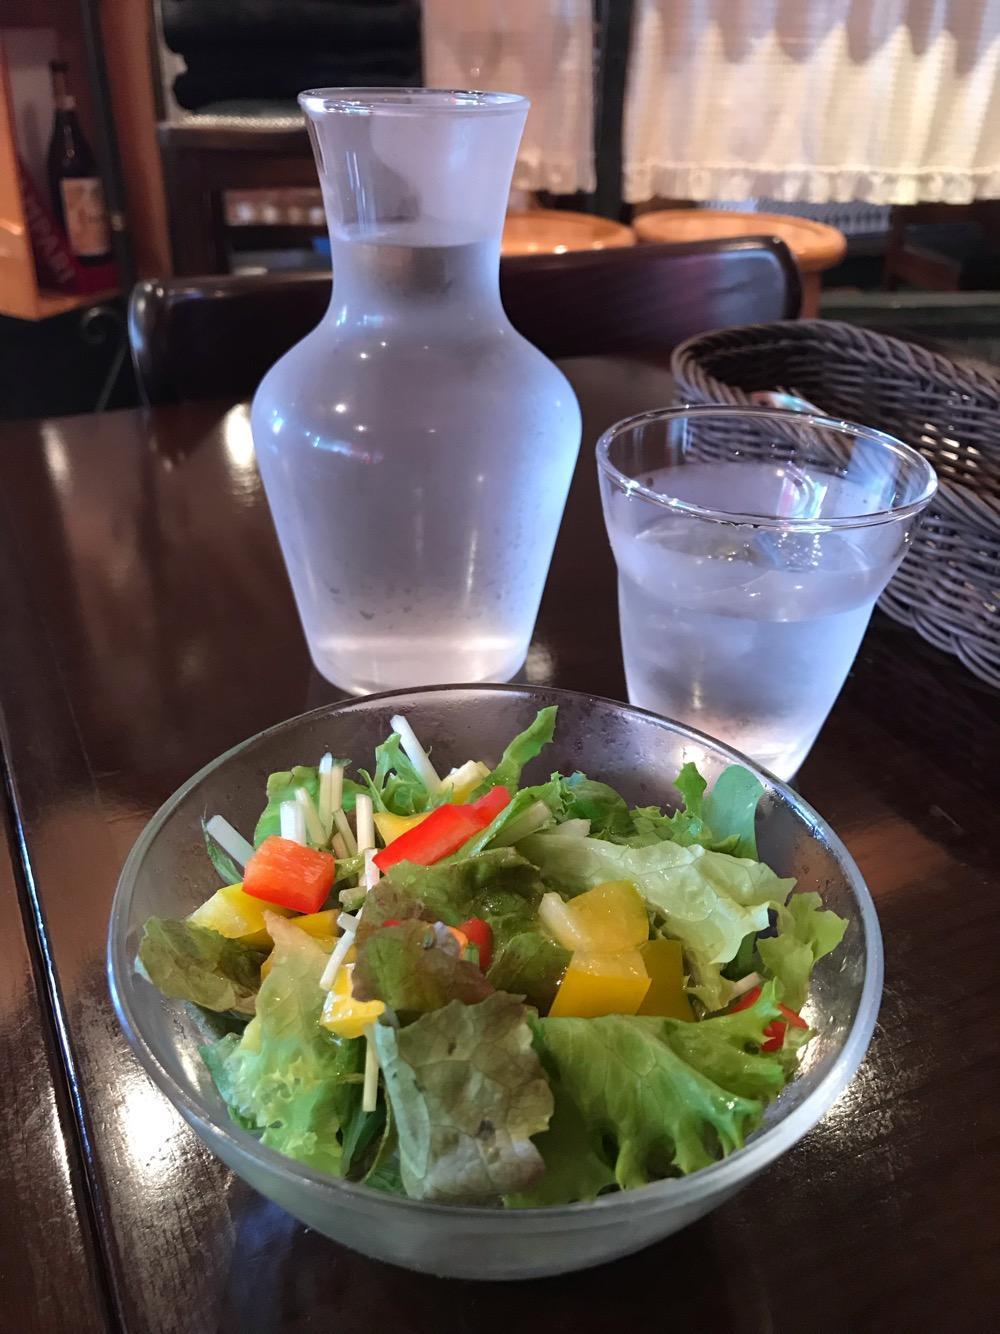 俺流生パスタ&ワヰン酒場 TATSU屋製麵所のパスタランチのサラダ、おしゃれな水入れとコップ